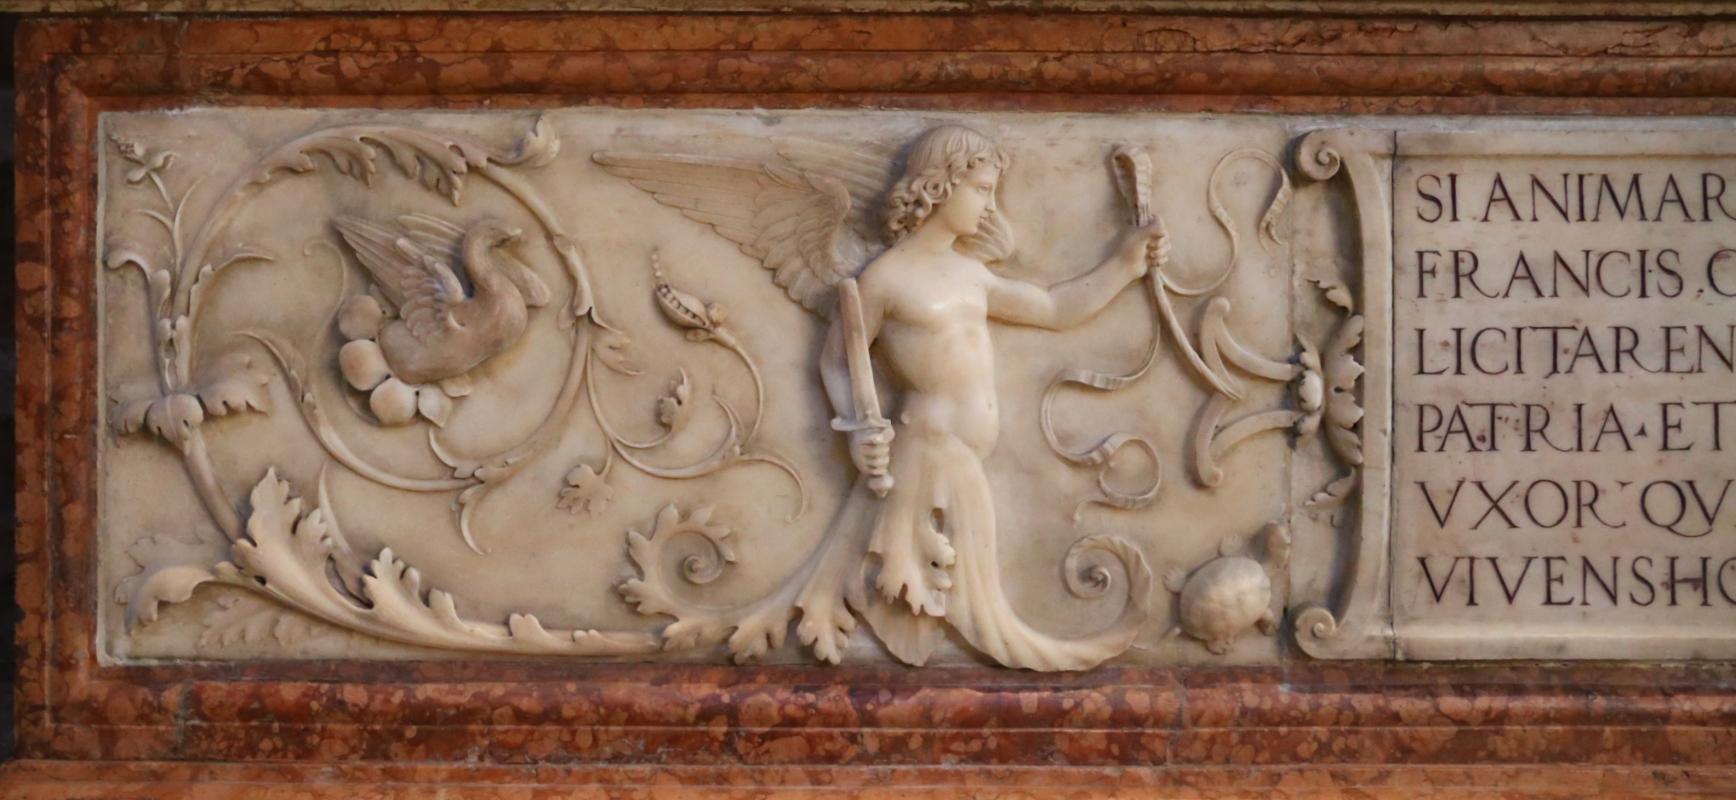 Bartolomeo spani, monumento funebre di francesco molza, 1516, 02 girali con angelo armato di spada - Sailko - Modena (MO)